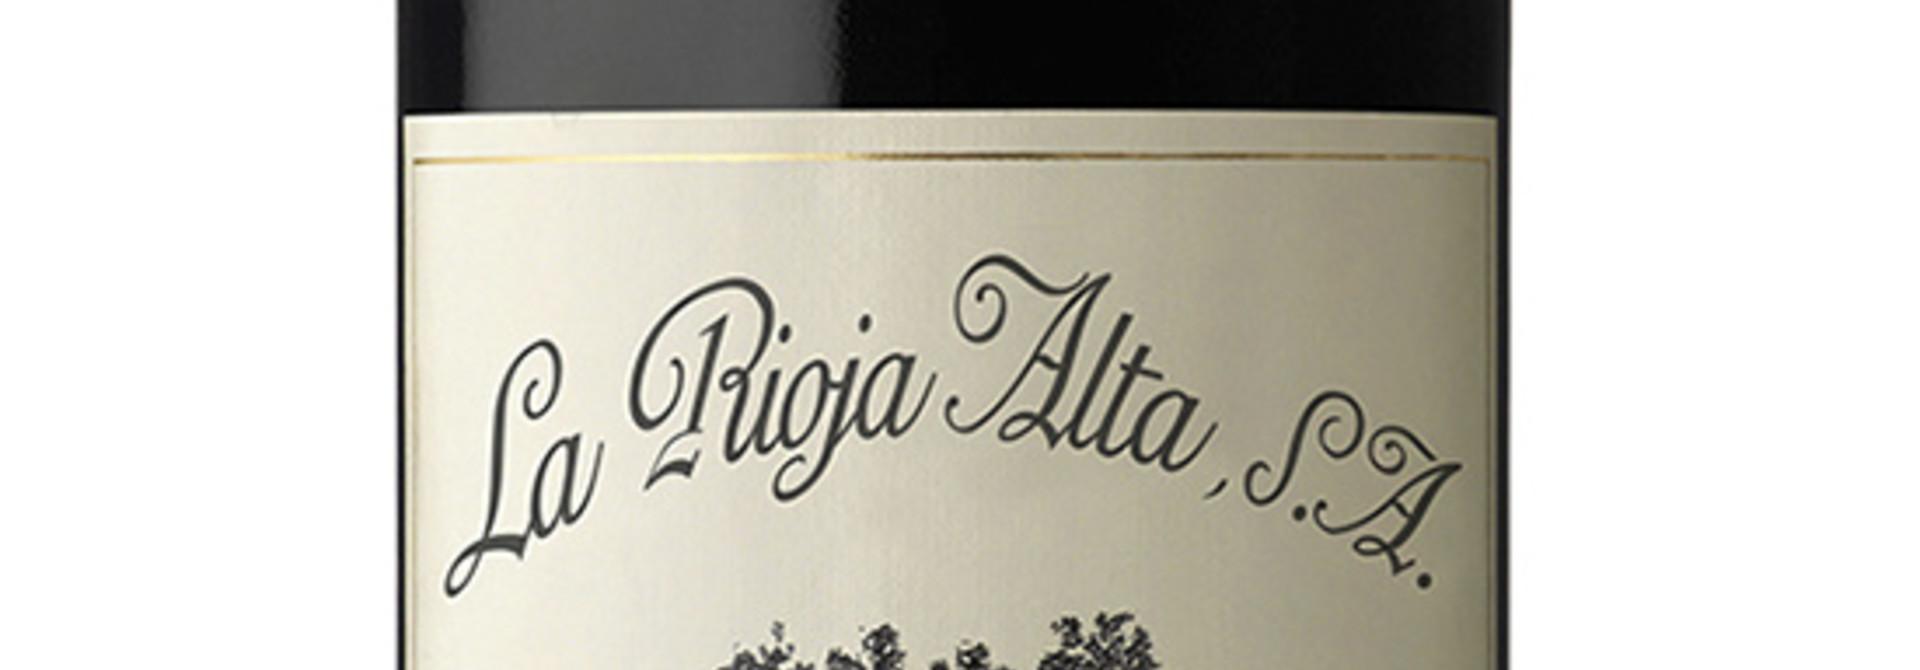 La Rioja Alta Gran Reserva, 904 2011